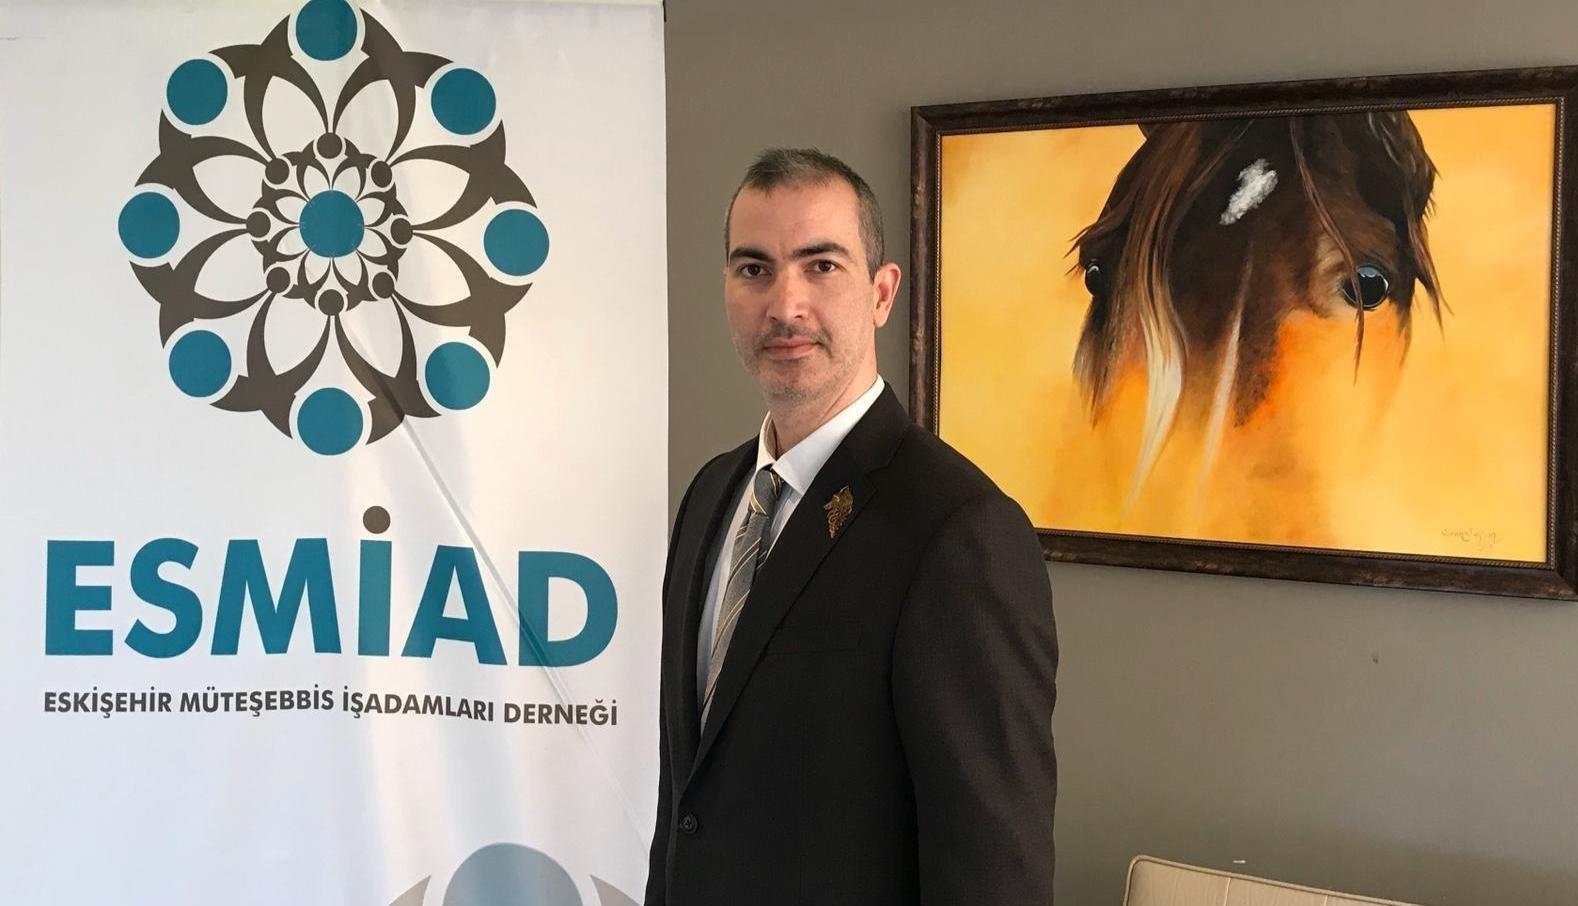 """ESMİAD Başkanı Seyhan: """"Fuarlar şehre katkı sağlıyor"""""""